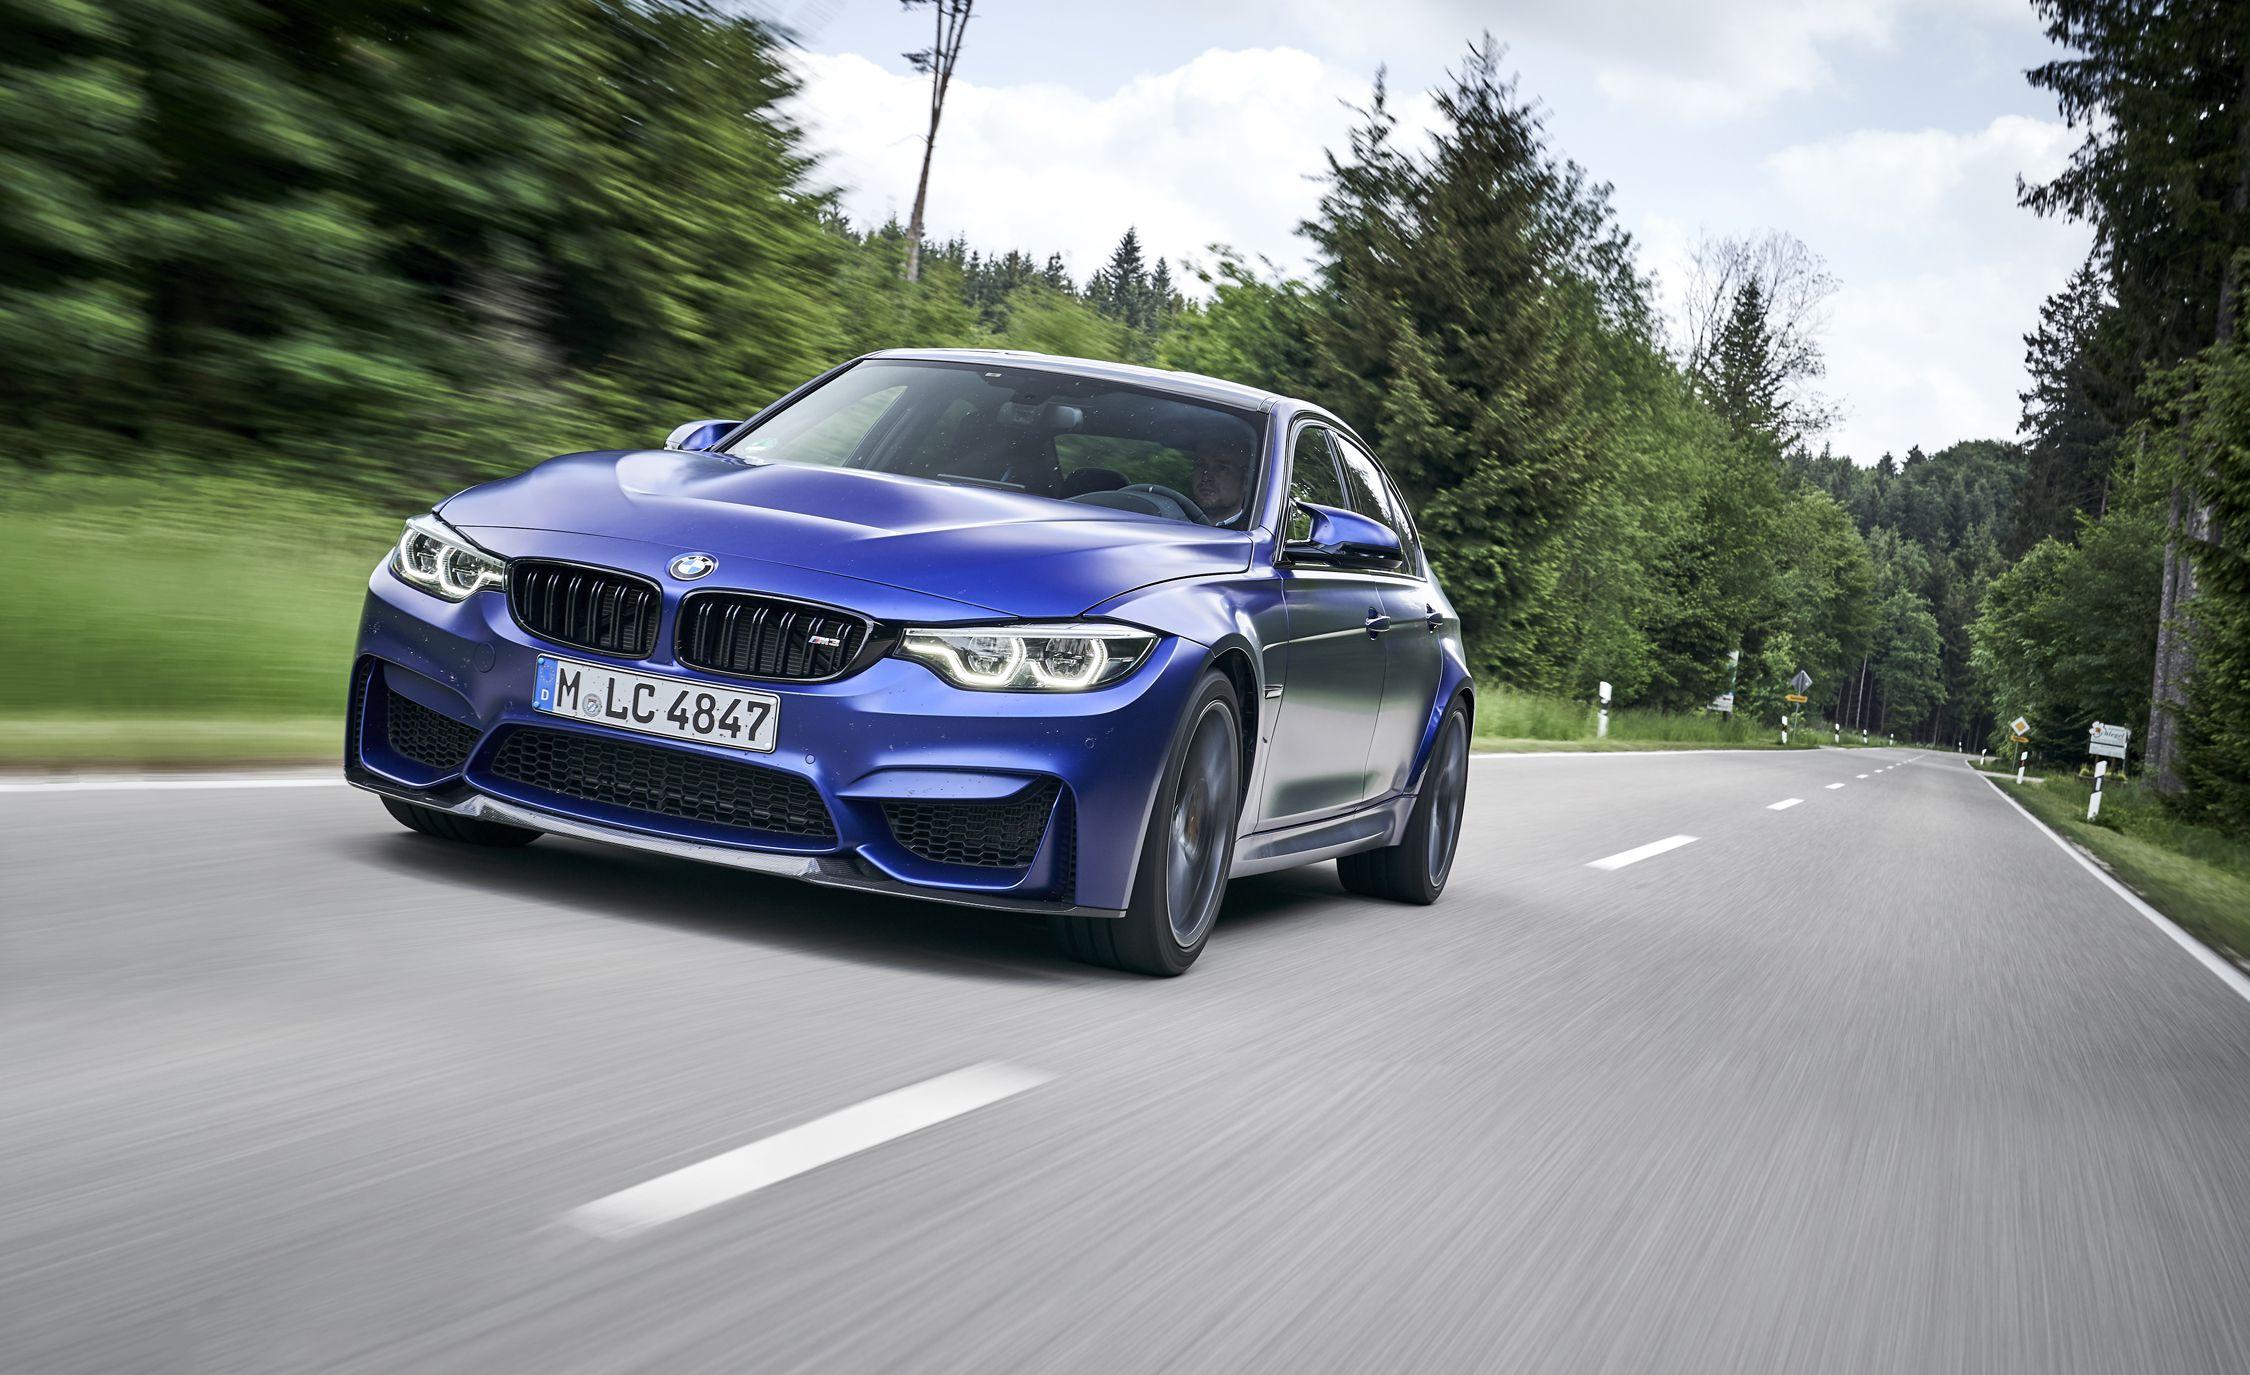 BMW-#-Series-towbar-g20-2019-etowbars